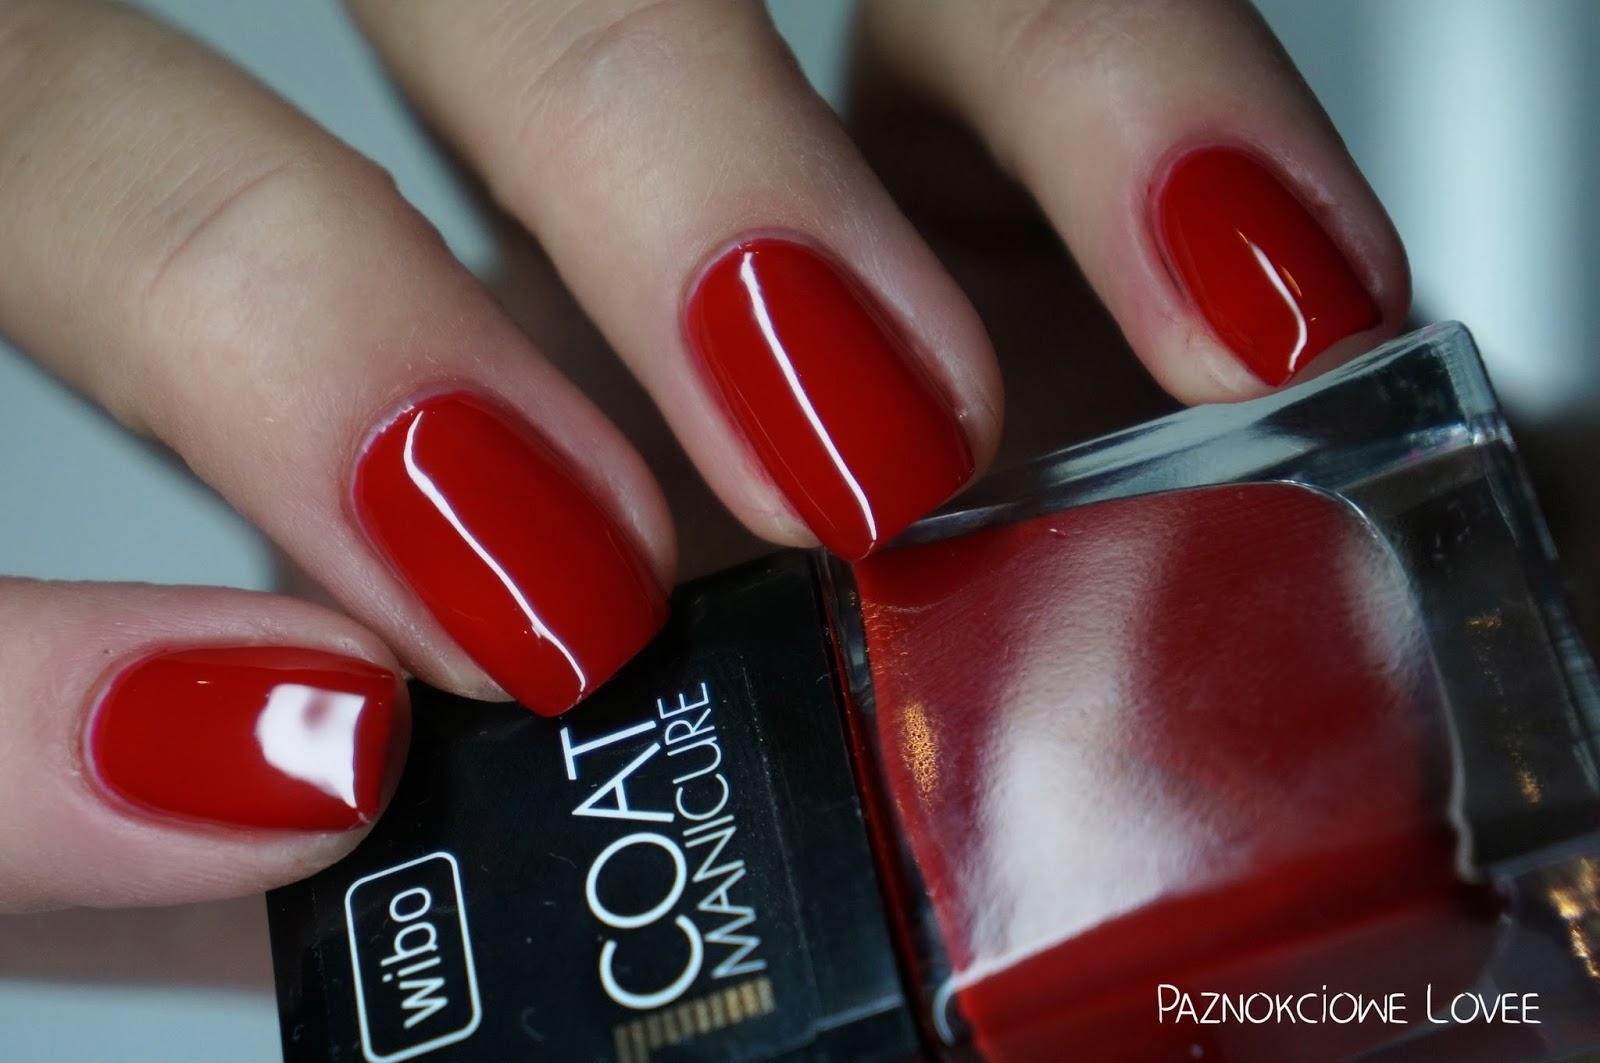 Czy to ta idealna czerwień ?! Wibo 1 coat manicure numer 7.